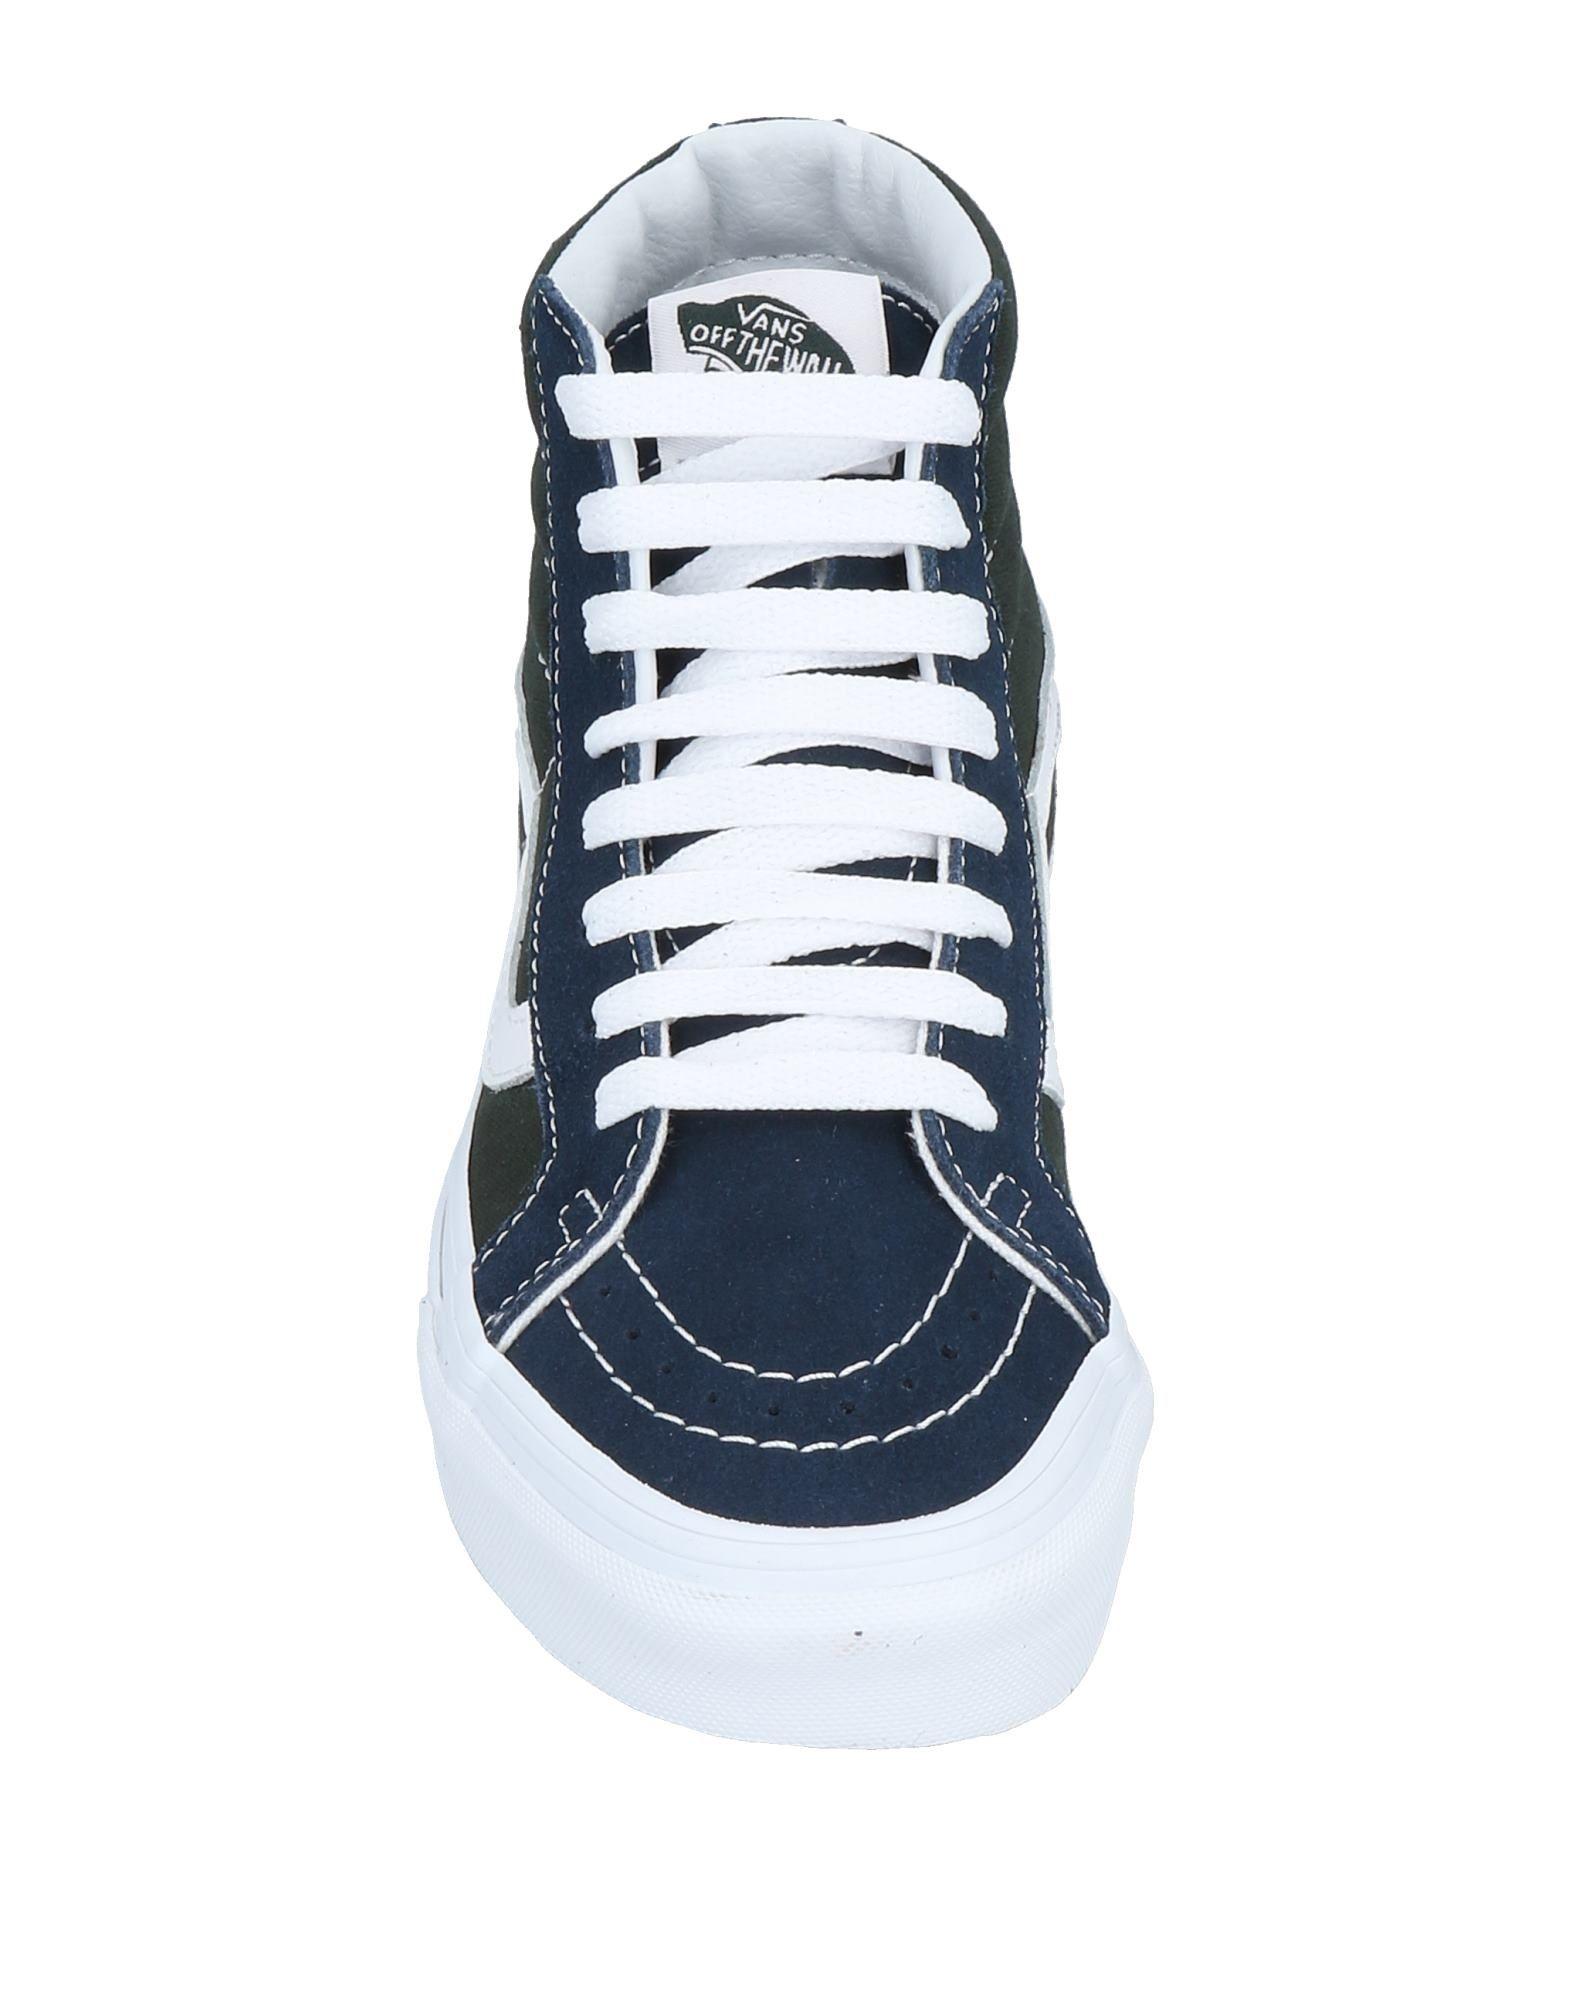 Vans Sneakers Damen  11491915AS Gute Qualität beliebte Schuhe Schuhe Schuhe eef141